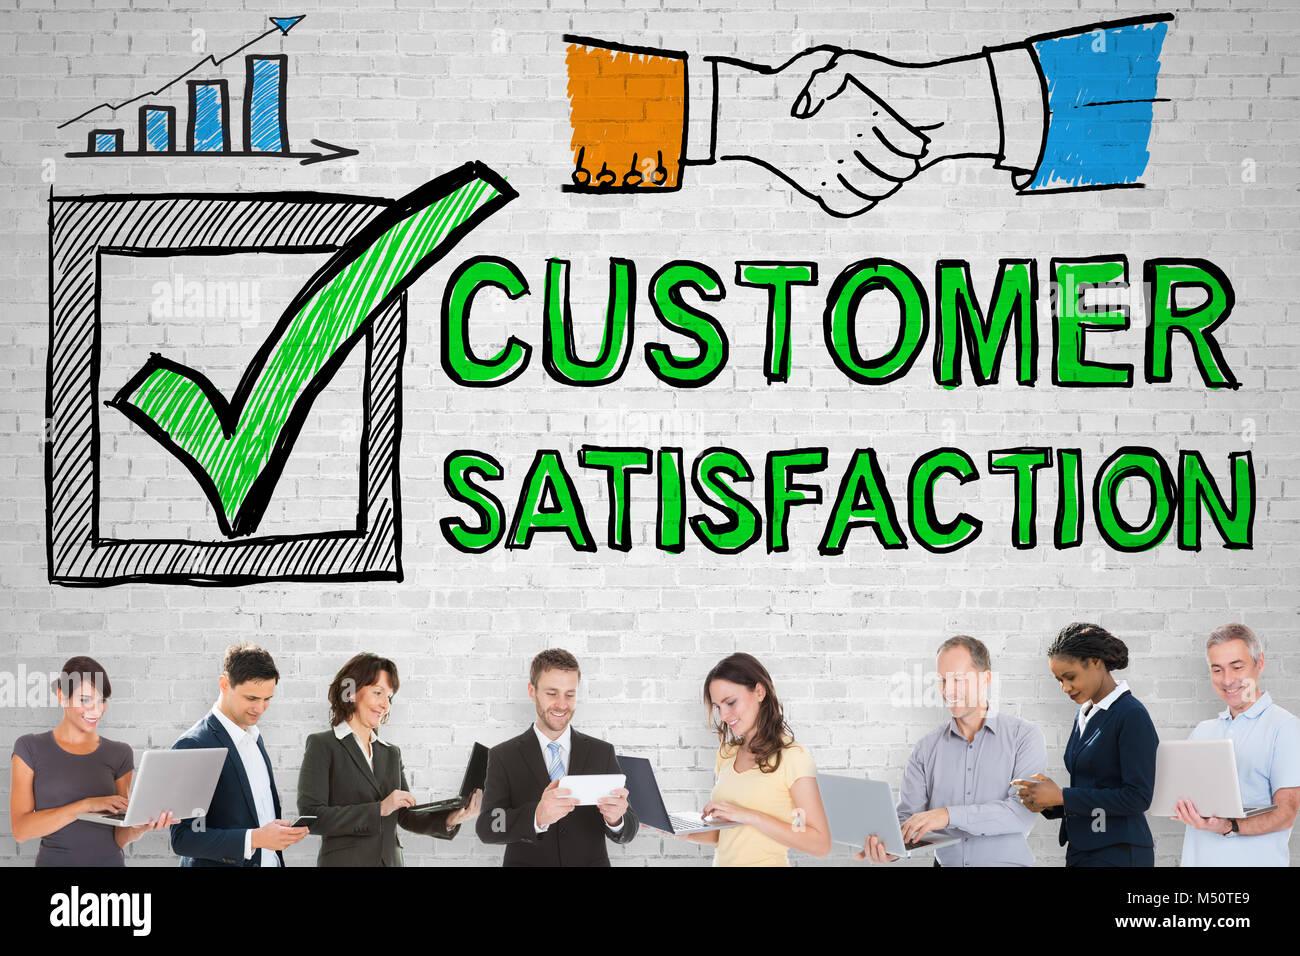 Gruppe von Menschen Stand vor der Umfrage zur Kundenzufriedenheit Konzept Stockbild